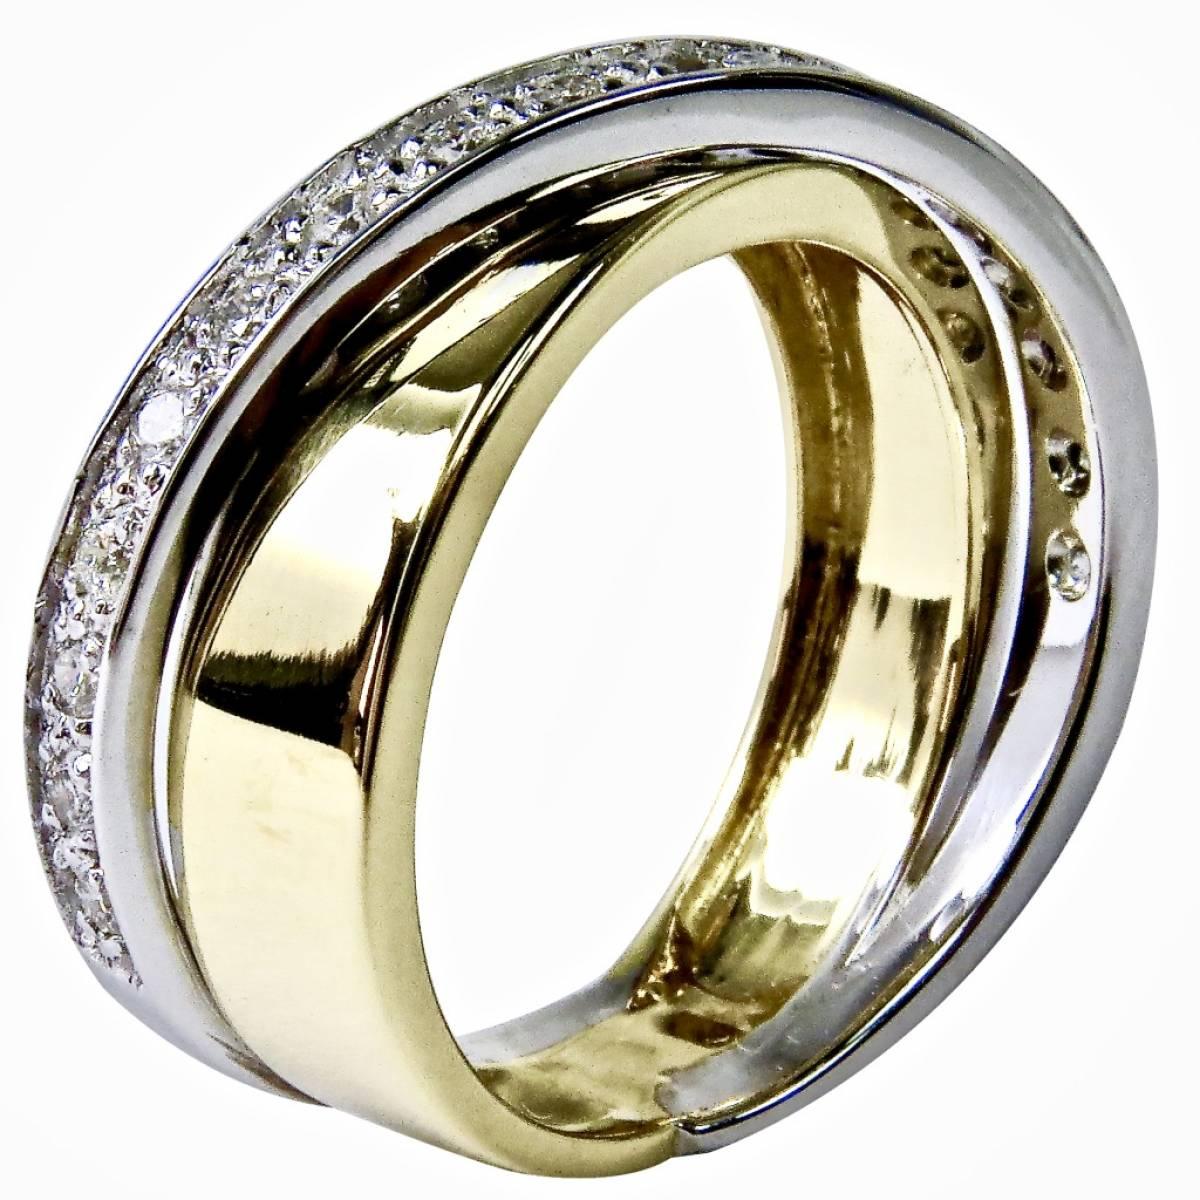 Anel de Noivado em ouro bicolor de 19,2 kts, com diamantes ou zircónias